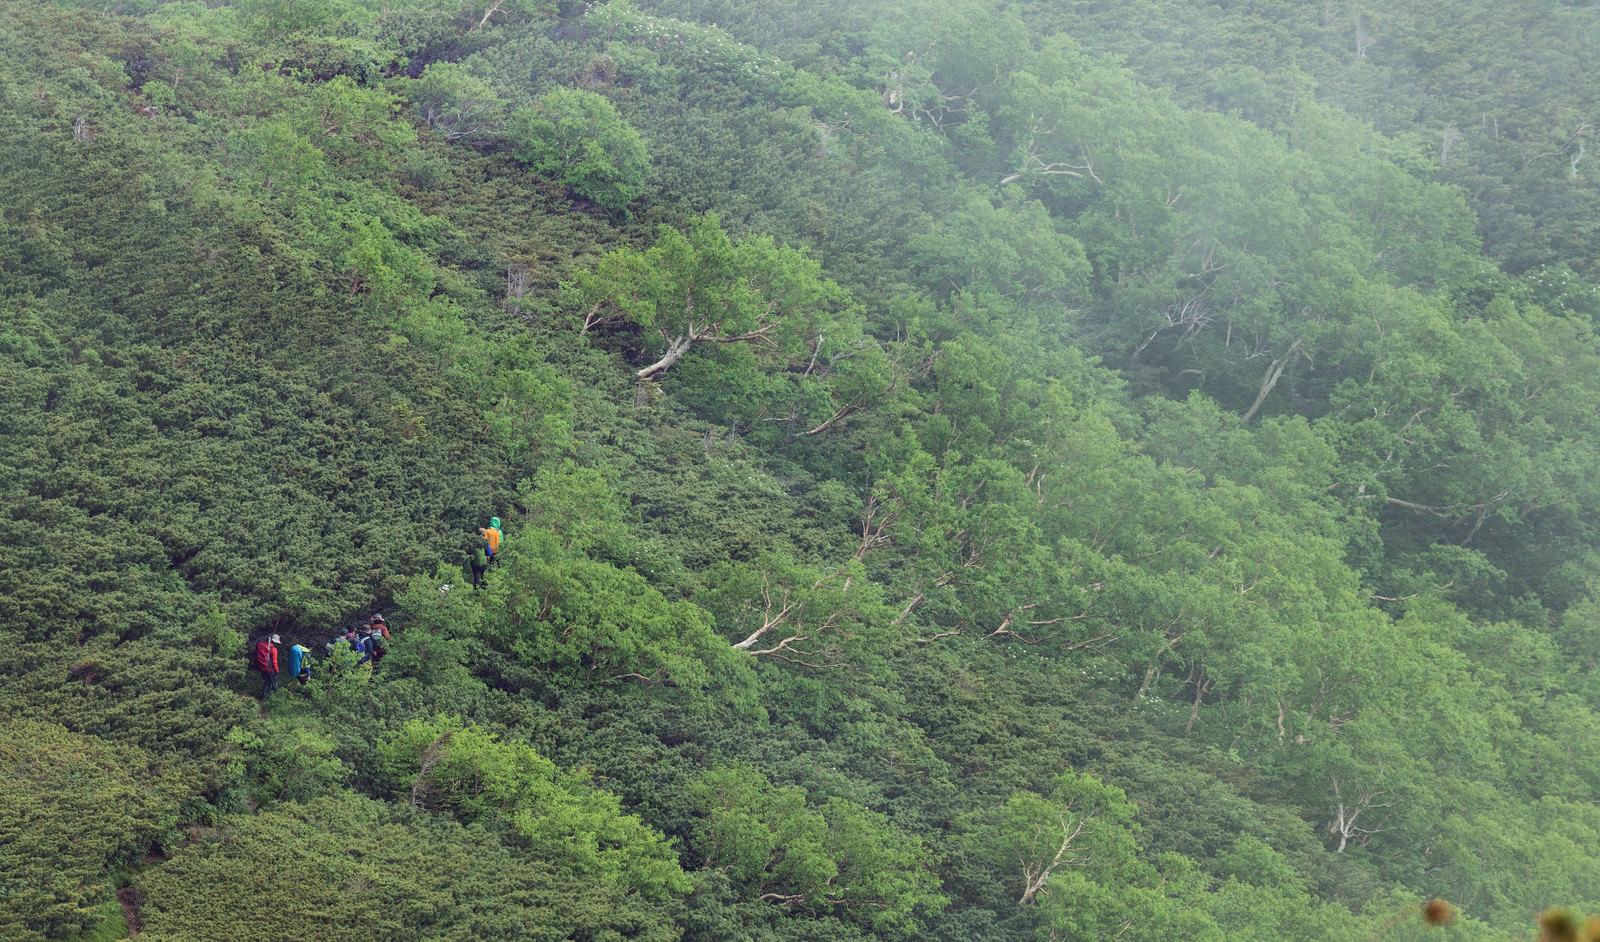 「山の中を歩く登山者(乗鞍新登山道)」の写真